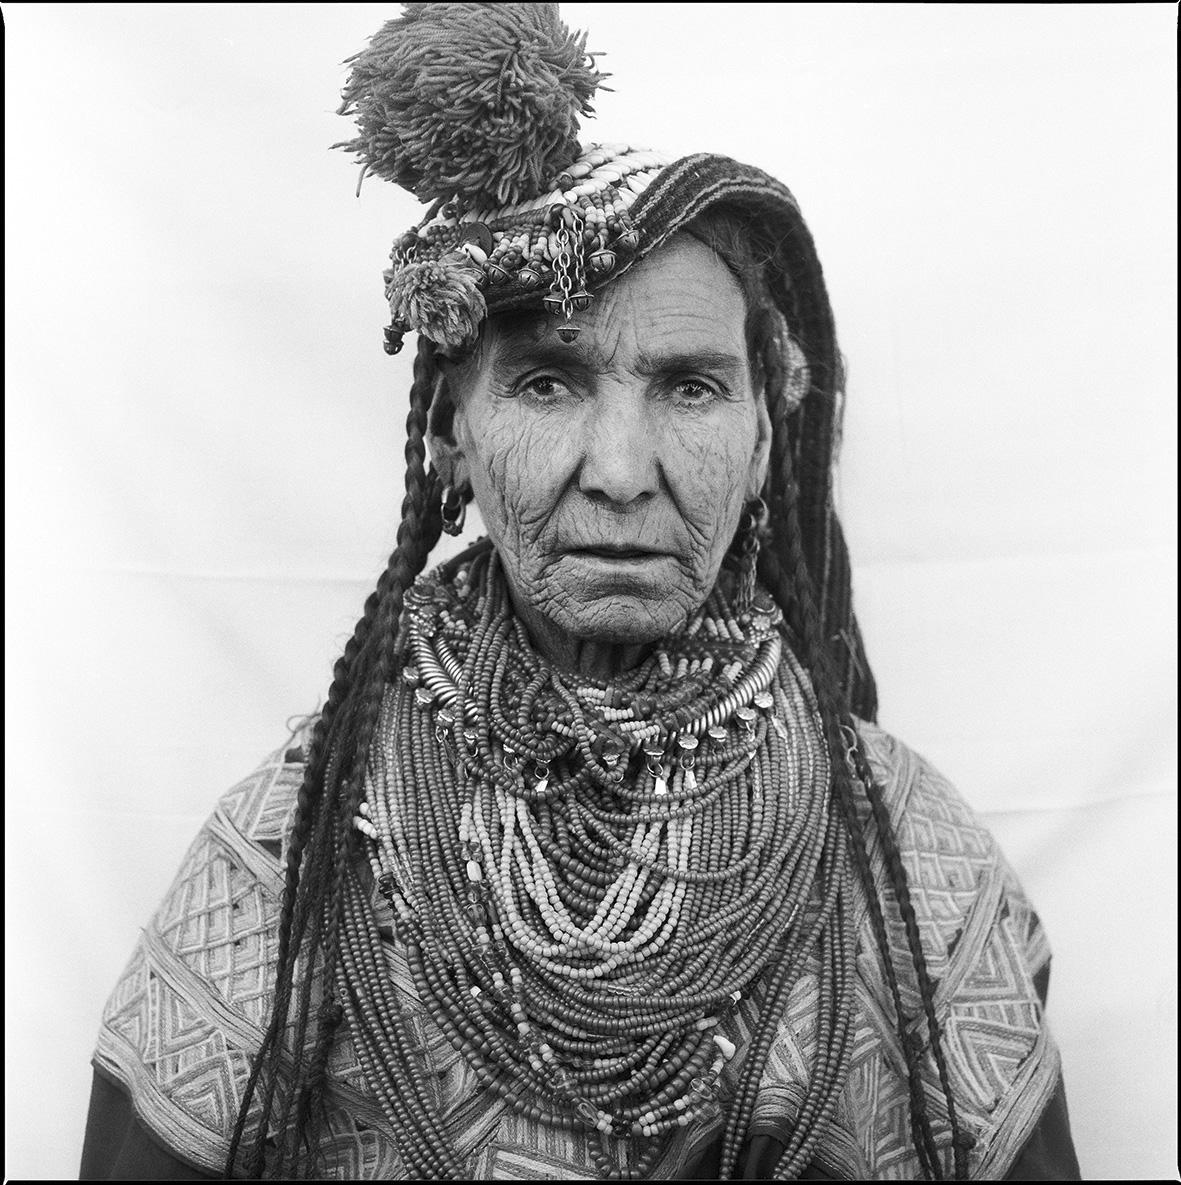 Die Kalasha leben im Norden Pakistans. Angeblich stammen sie von Alexander dem Großen ab. Sie glauben an viele Götter und haben eine strenge Geschlechterordnung. Die Kalasha-Frauen leben dennoch viel freier als die Muslimas in ihrem Umfeld.